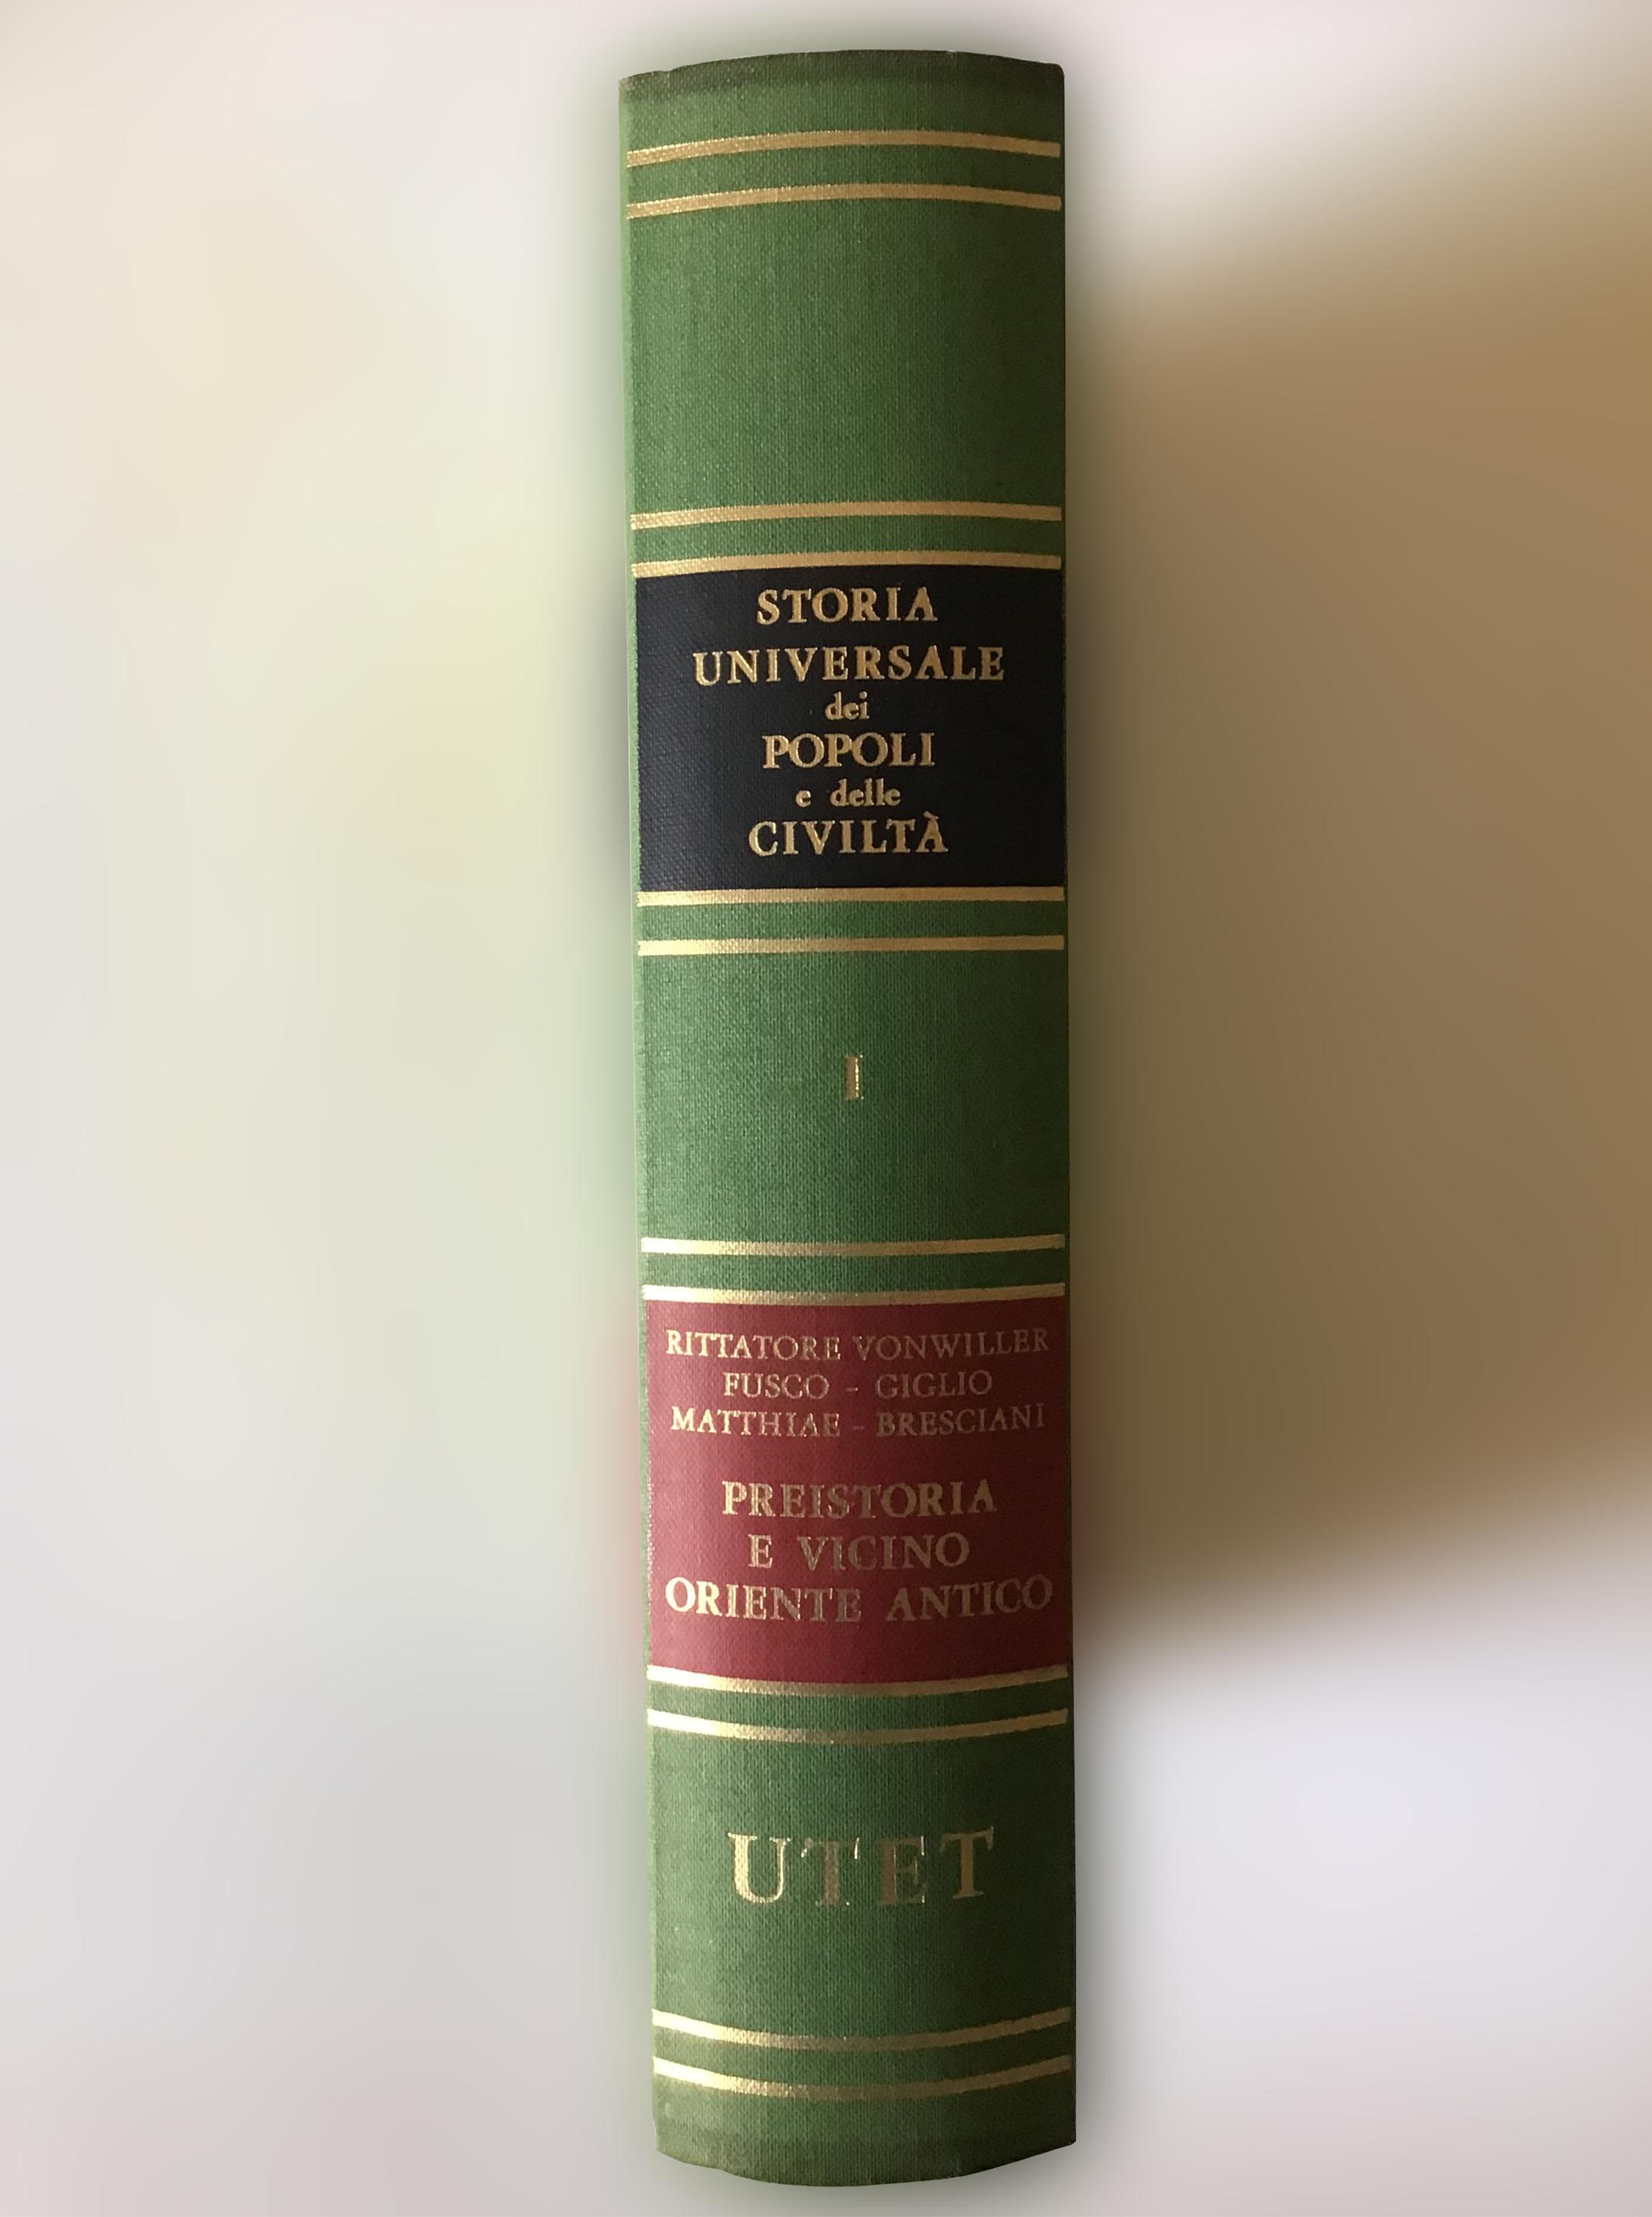 Storia universale dei popoli e delle civiltà – Utet